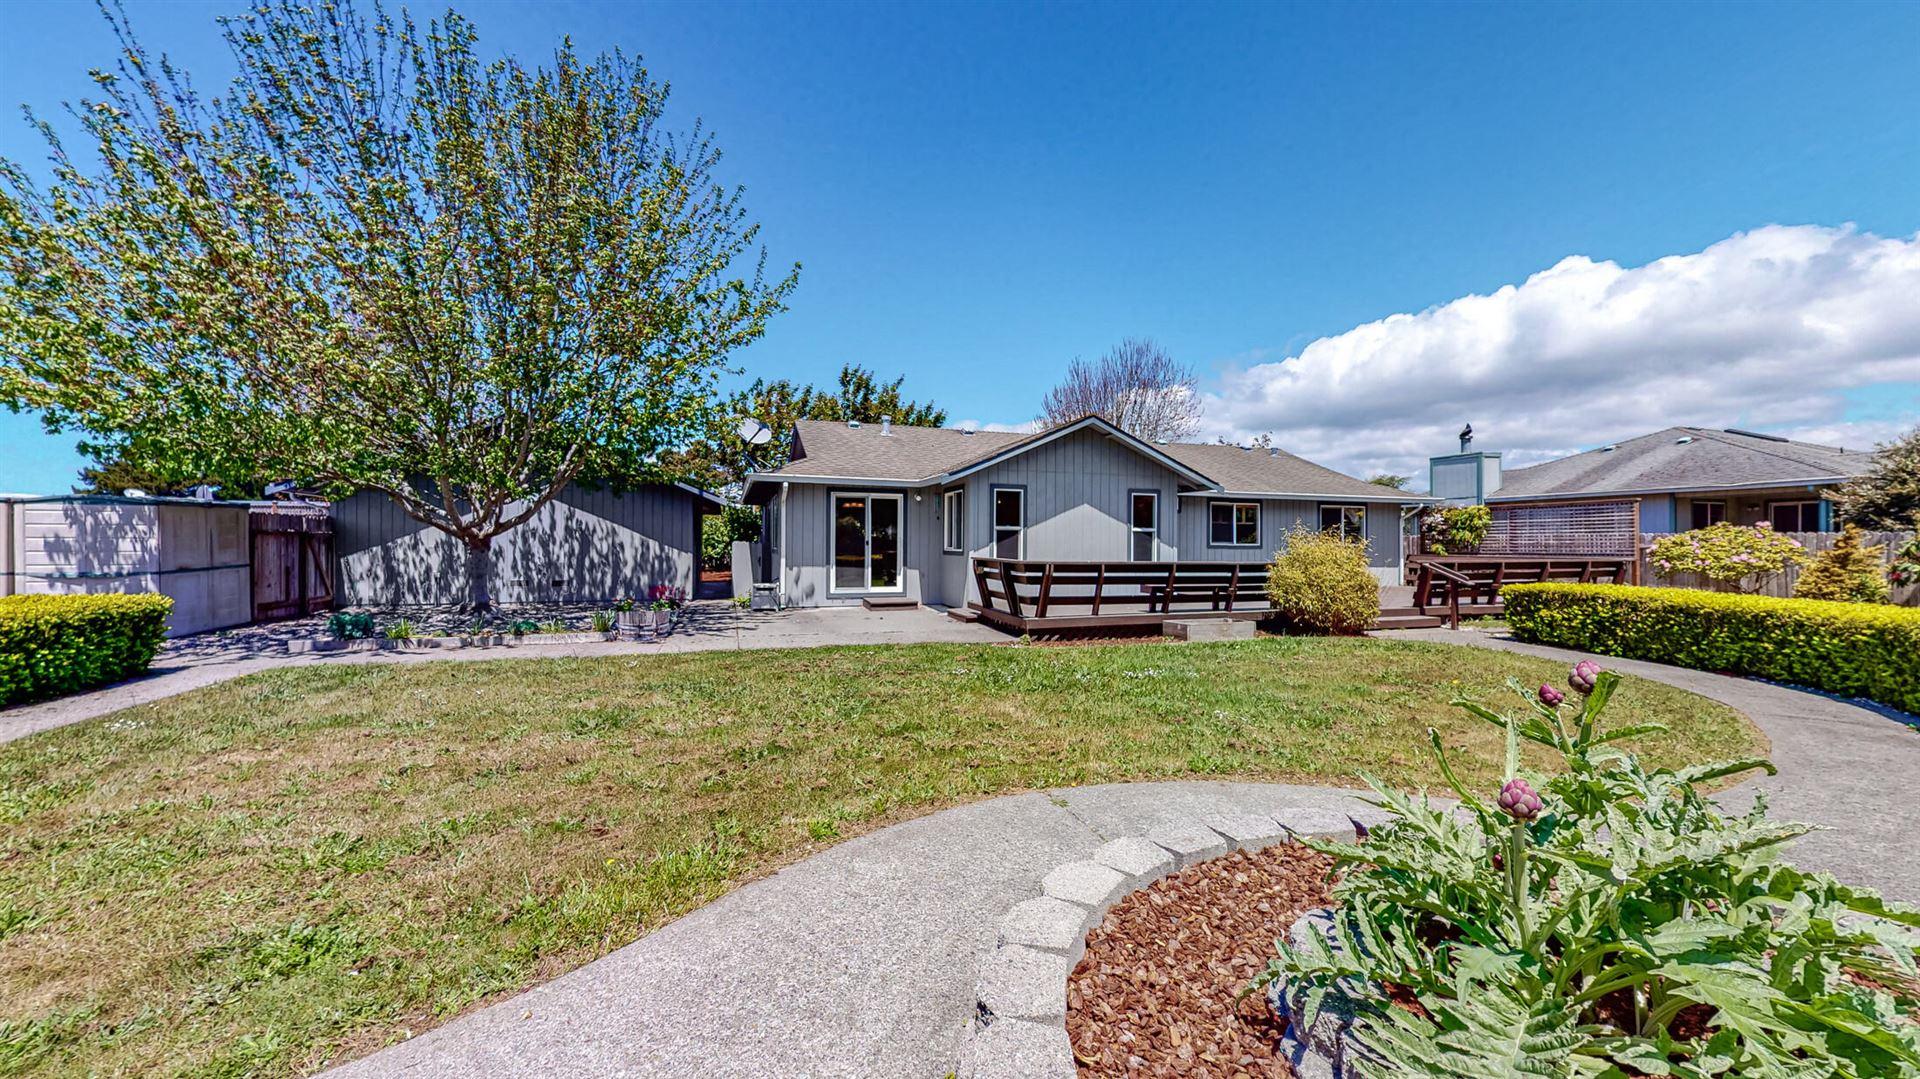 1358 School Road, McKinleyville, CA 95519 - MLS#: 259142